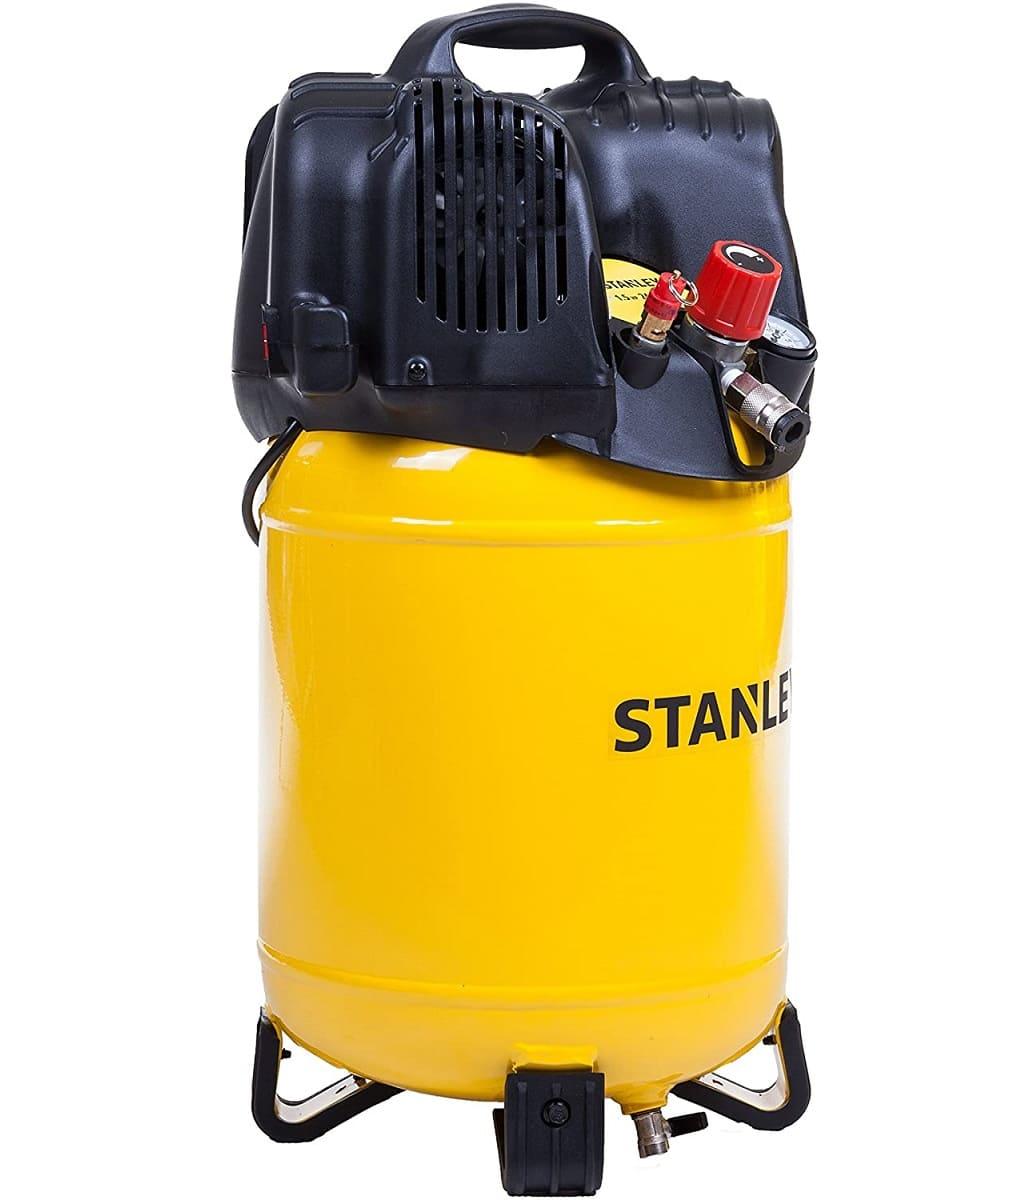 Stanley-D200-10-24-compresor-de-aire-electrico-amarillo-negro